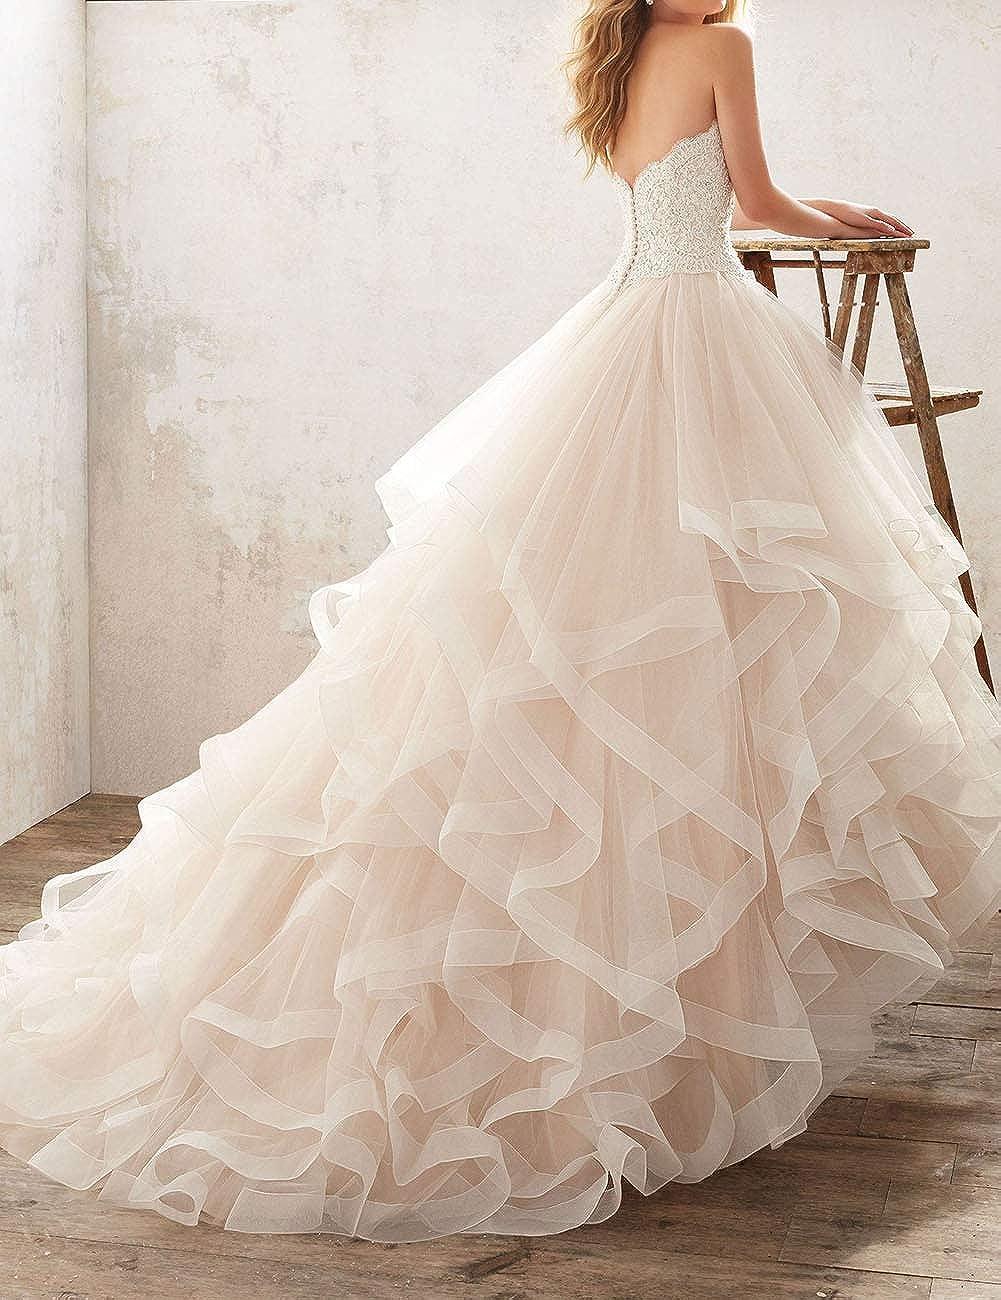 HUINI Brautkleider Prinzessin mit Spitze A-Linie Hochzeitskleider Lang T/üll Tr/ägerloses Herzausschnitt mit Schleppe